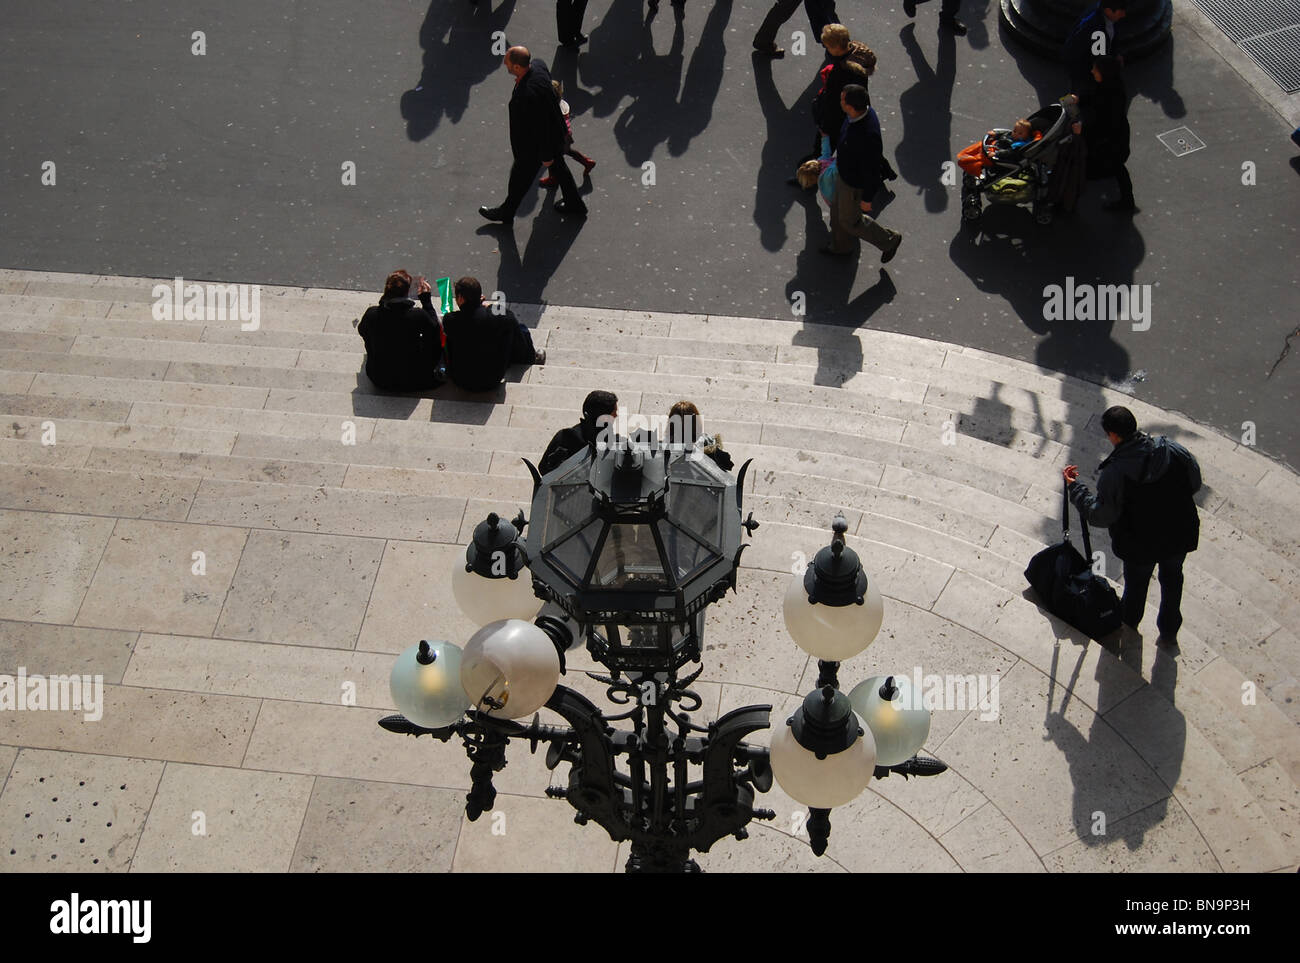 Las parejas sentada en los escalones de L'Opera por debajo de una lámpara ornamental estándar número 2913 Foto de stock